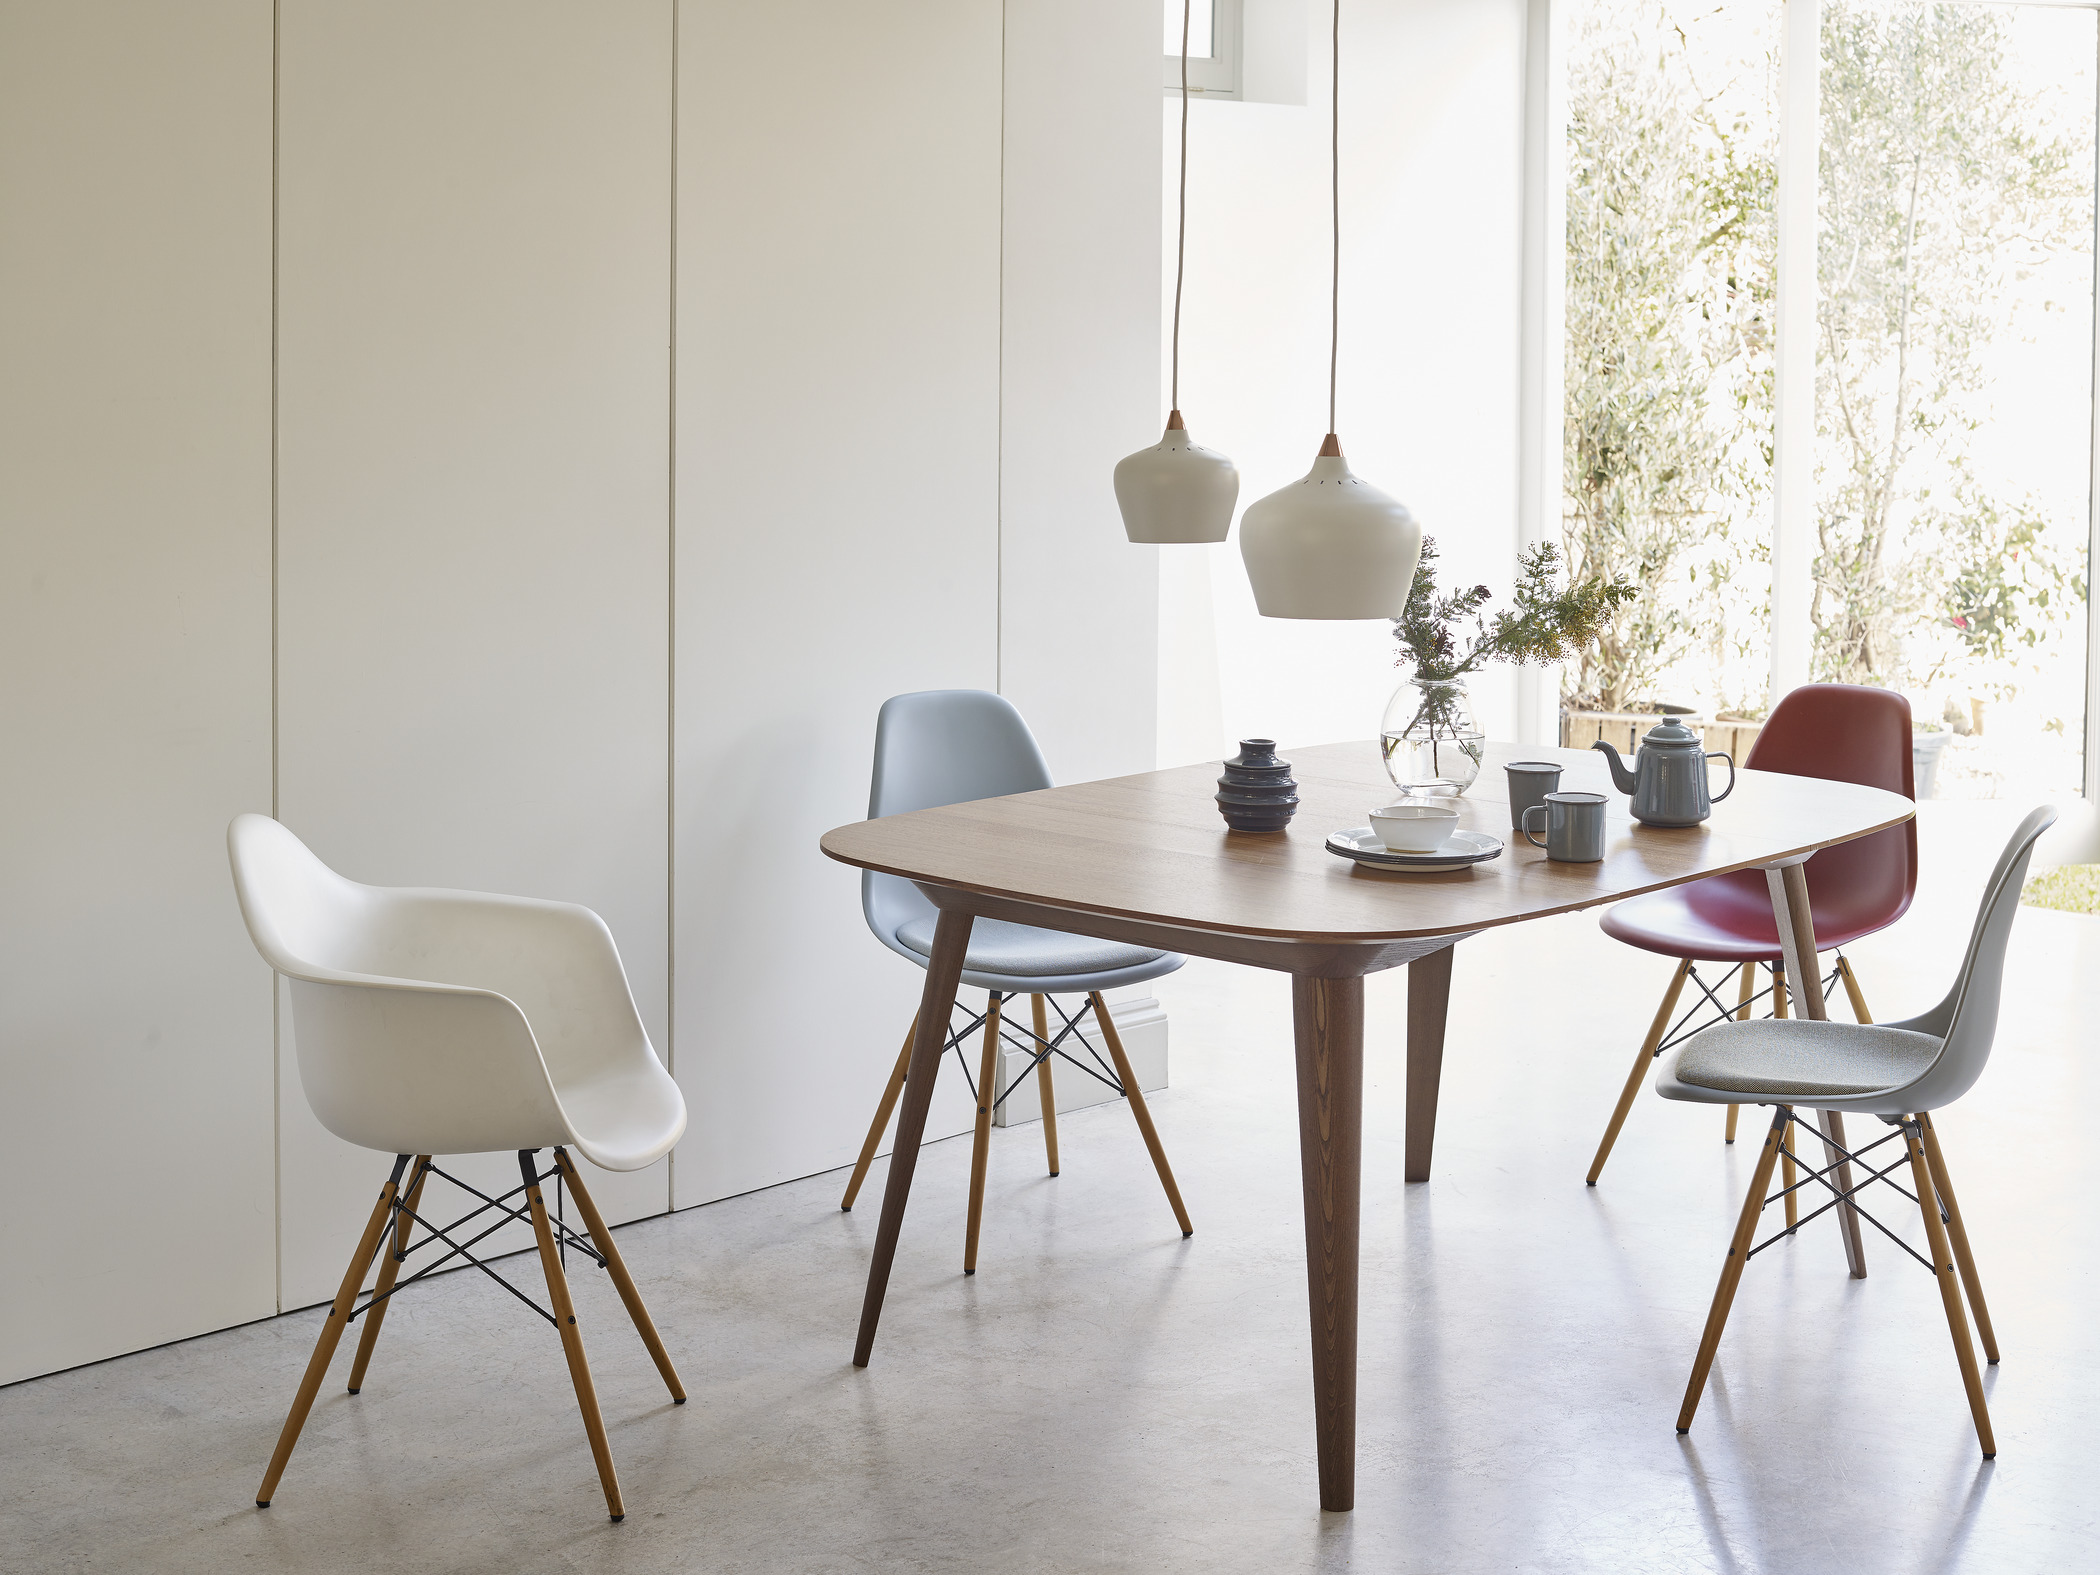 vitra_eames_plastic_chair